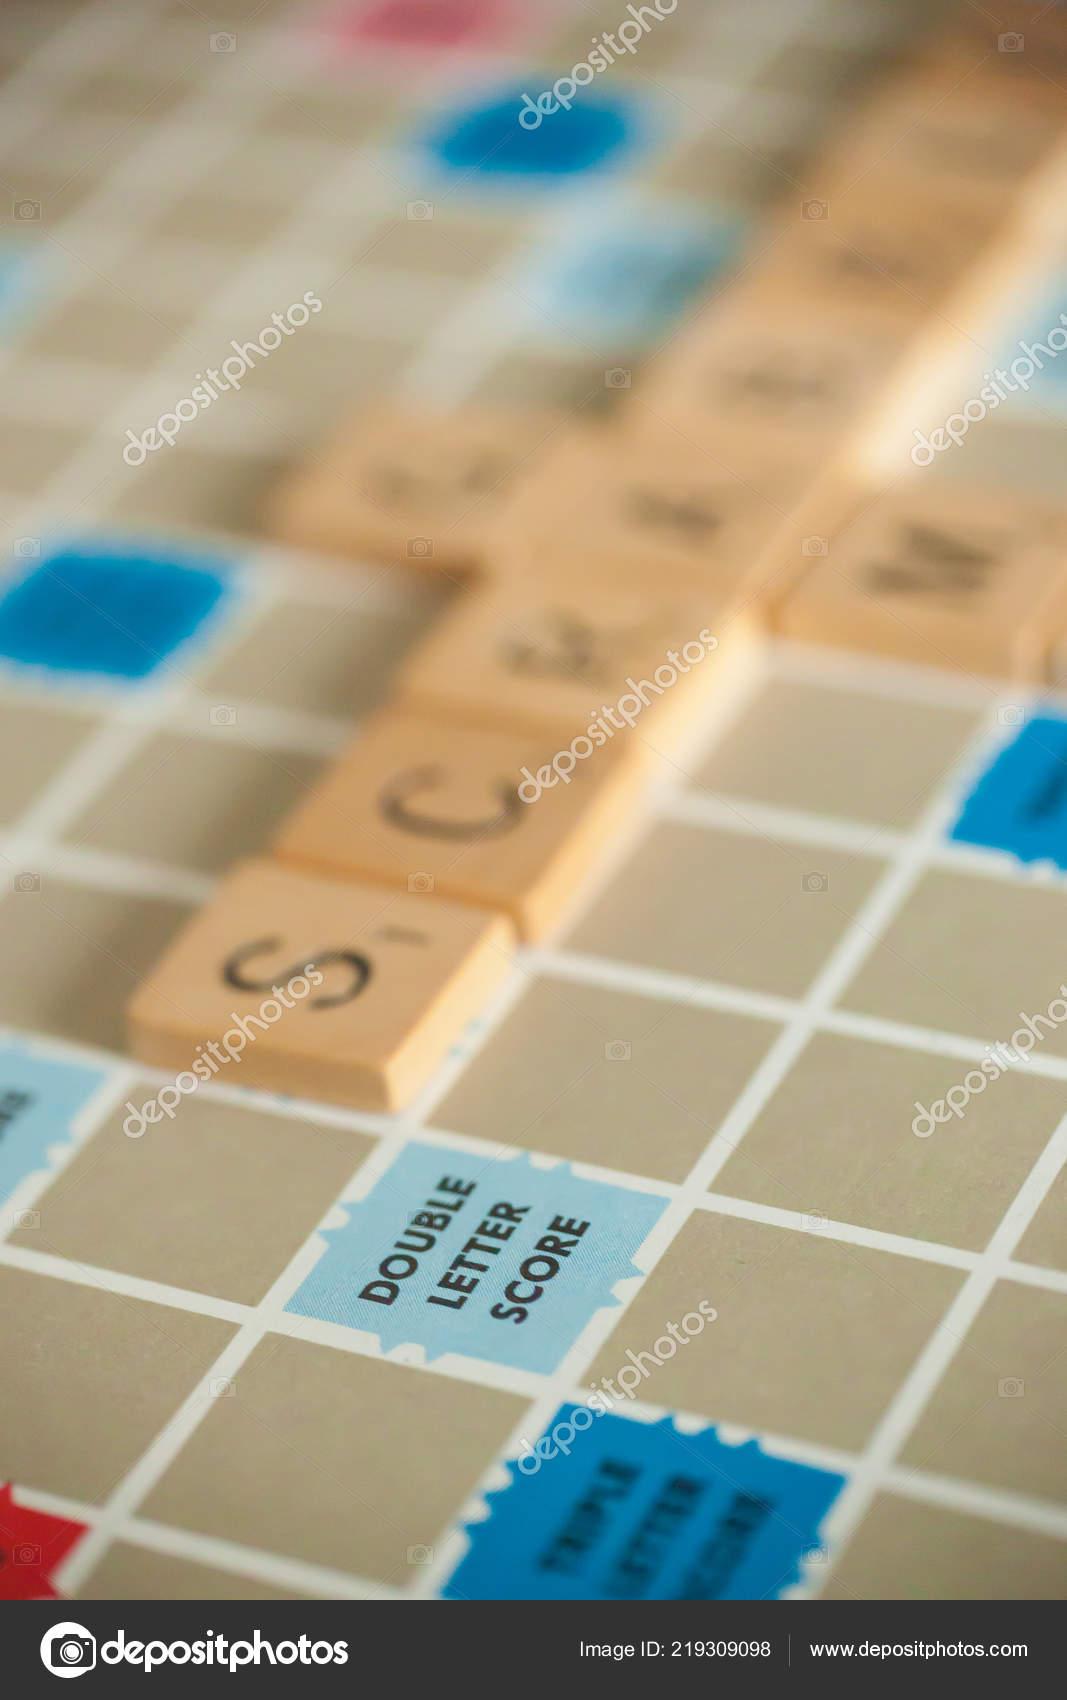 Woodbridge New Jersey Octubre 2018 Una Anada Scrabble Juego Mesa